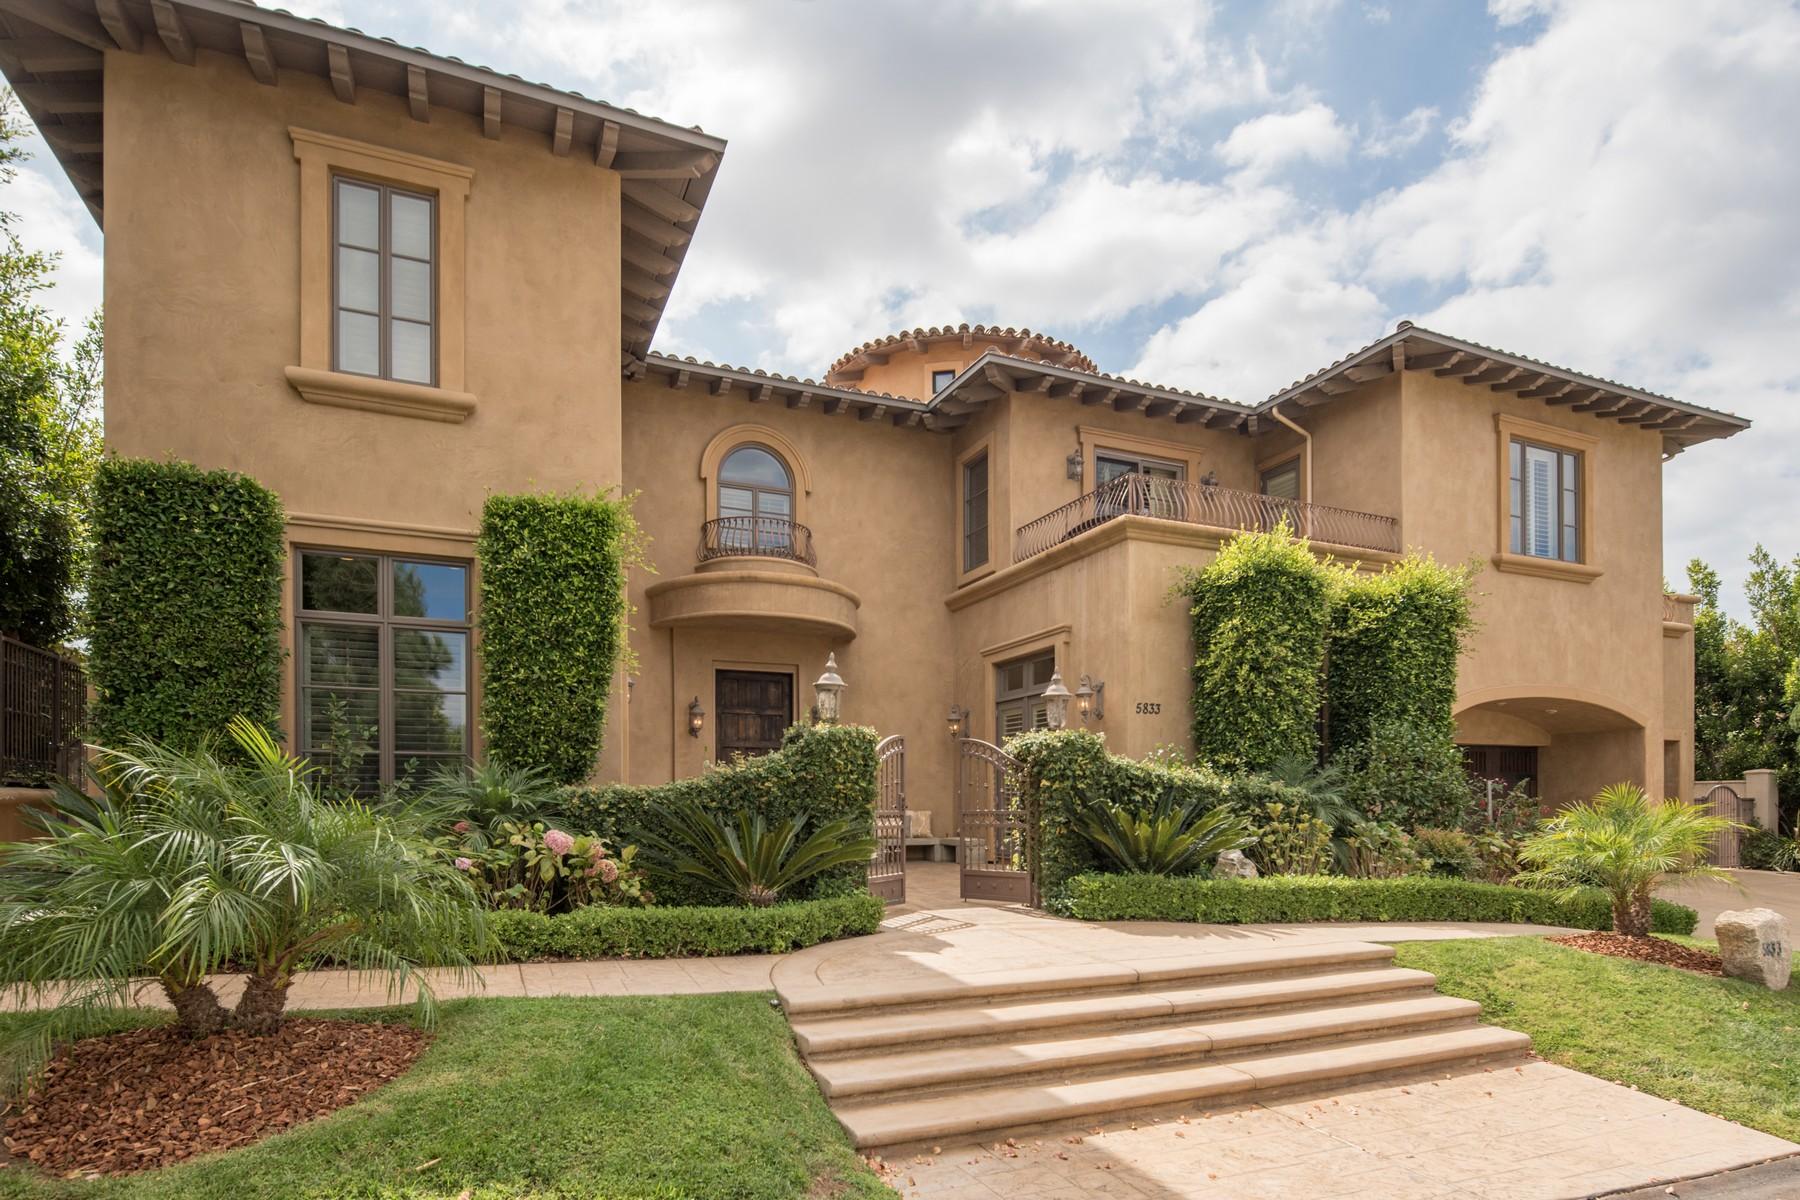 Частный односемейный дом для того Продажа на 5833 Meadows Del Mar San Diego, Калифорния, 92130 Соединенные Штаты